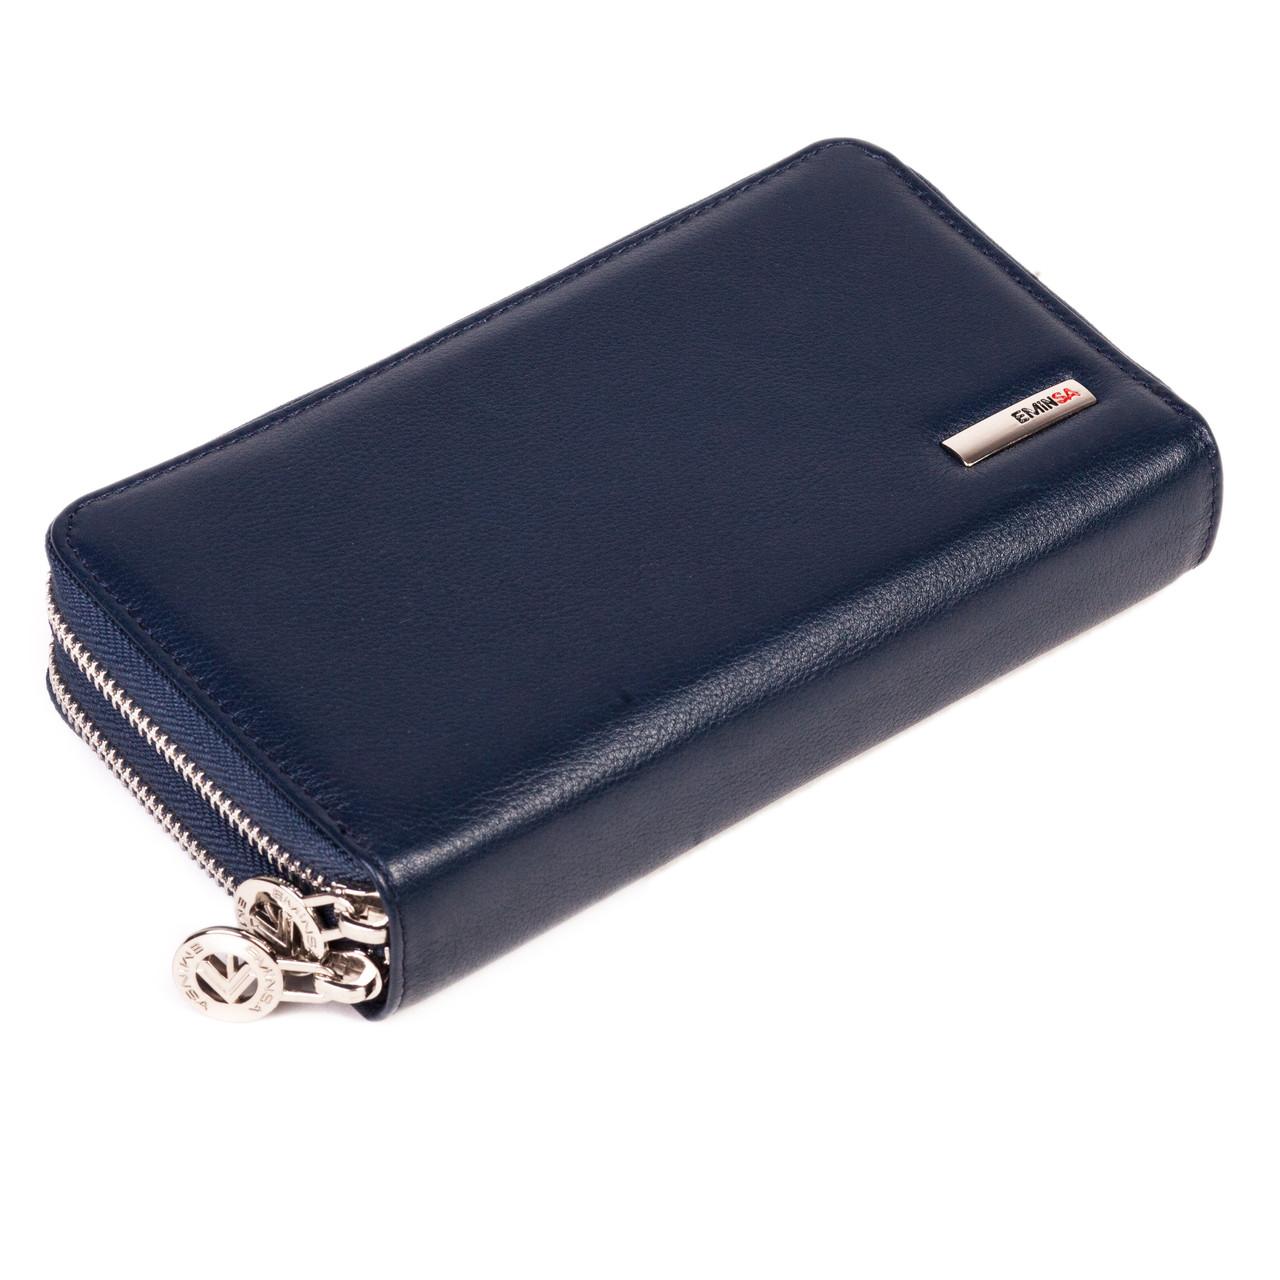 Женский кошелек-клатч Eminsa 2095-12-19 кожаный синий